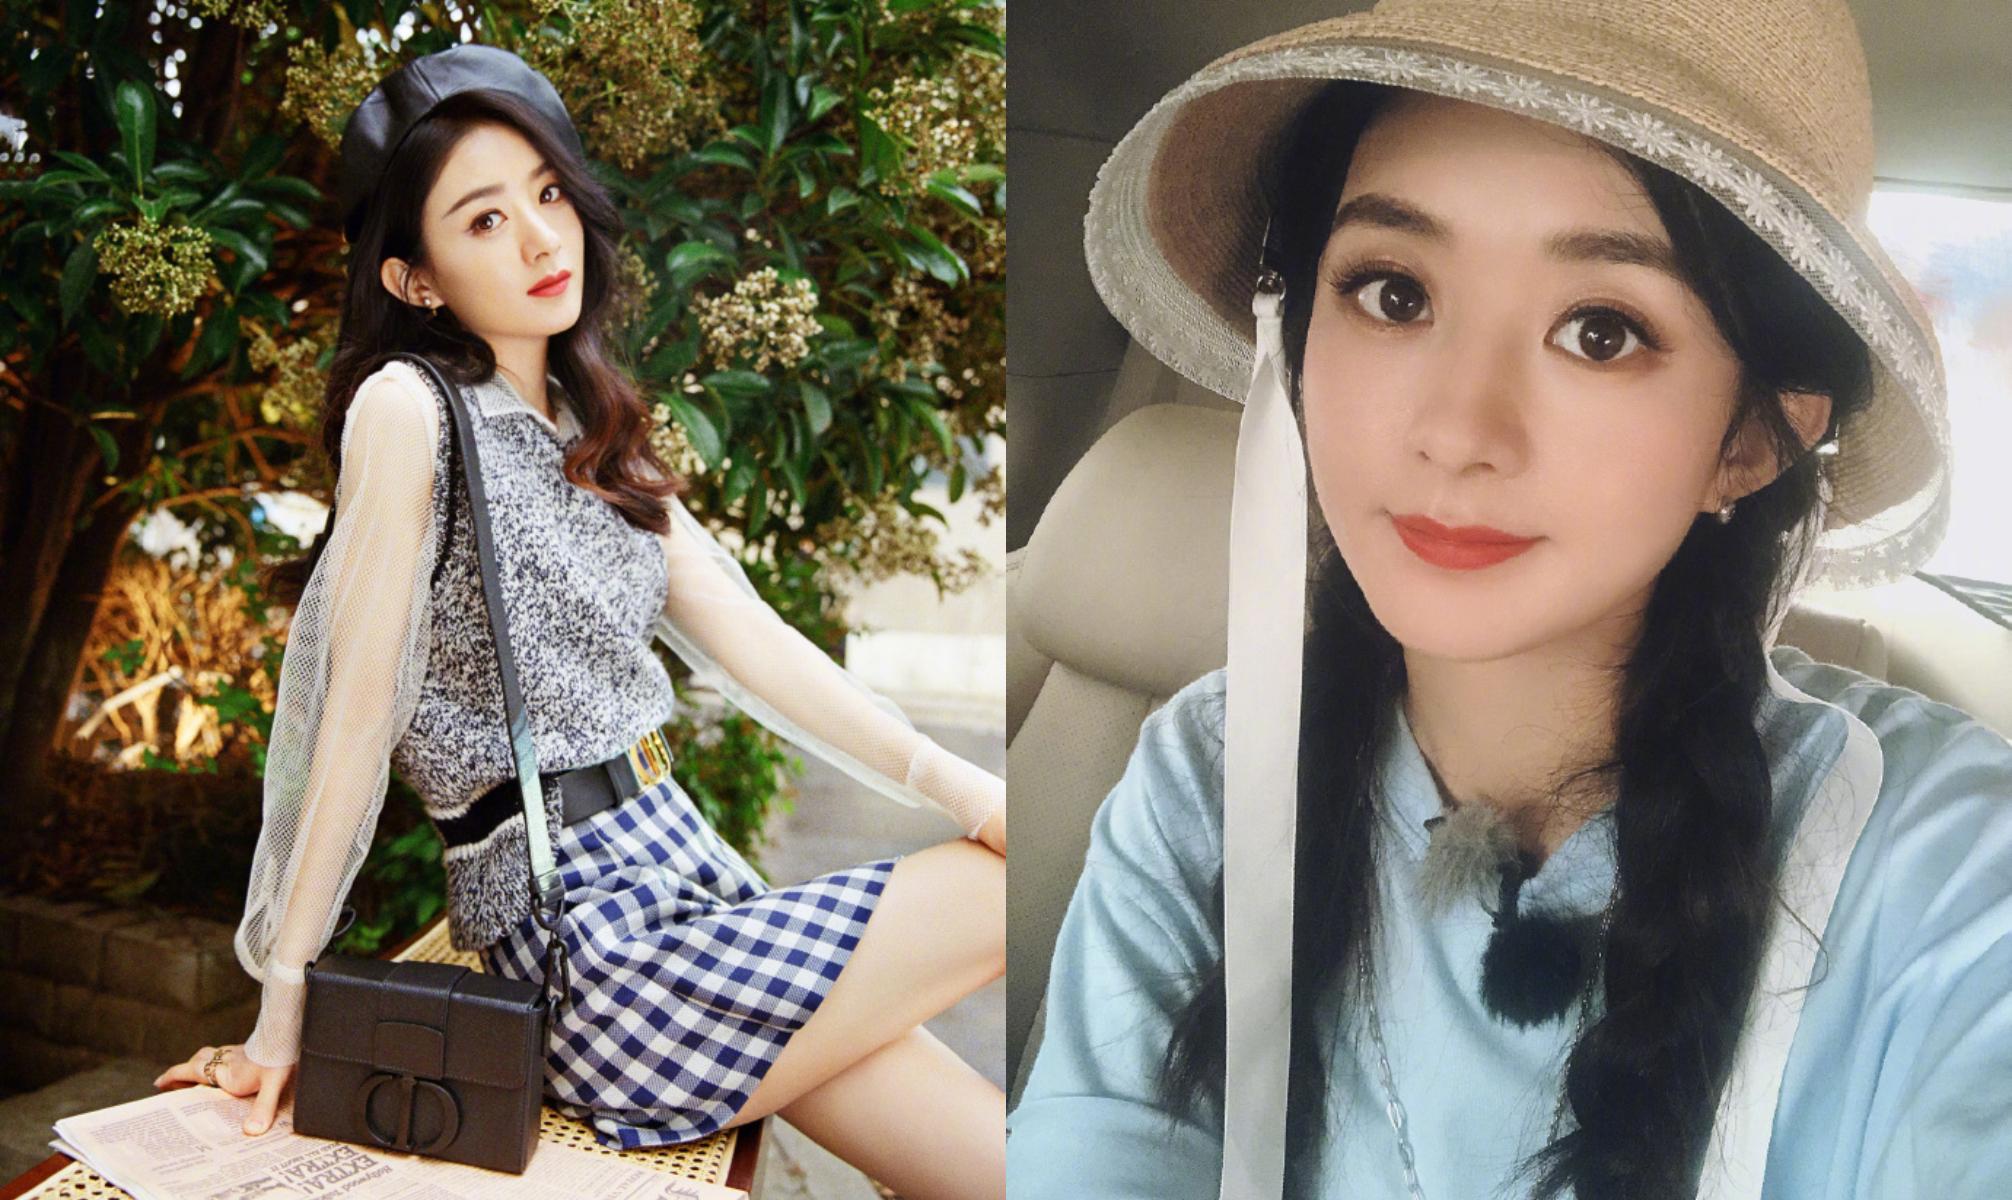 有著戲劇女王之稱的中國女星趙麗穎,其實在出道前也是個空姐